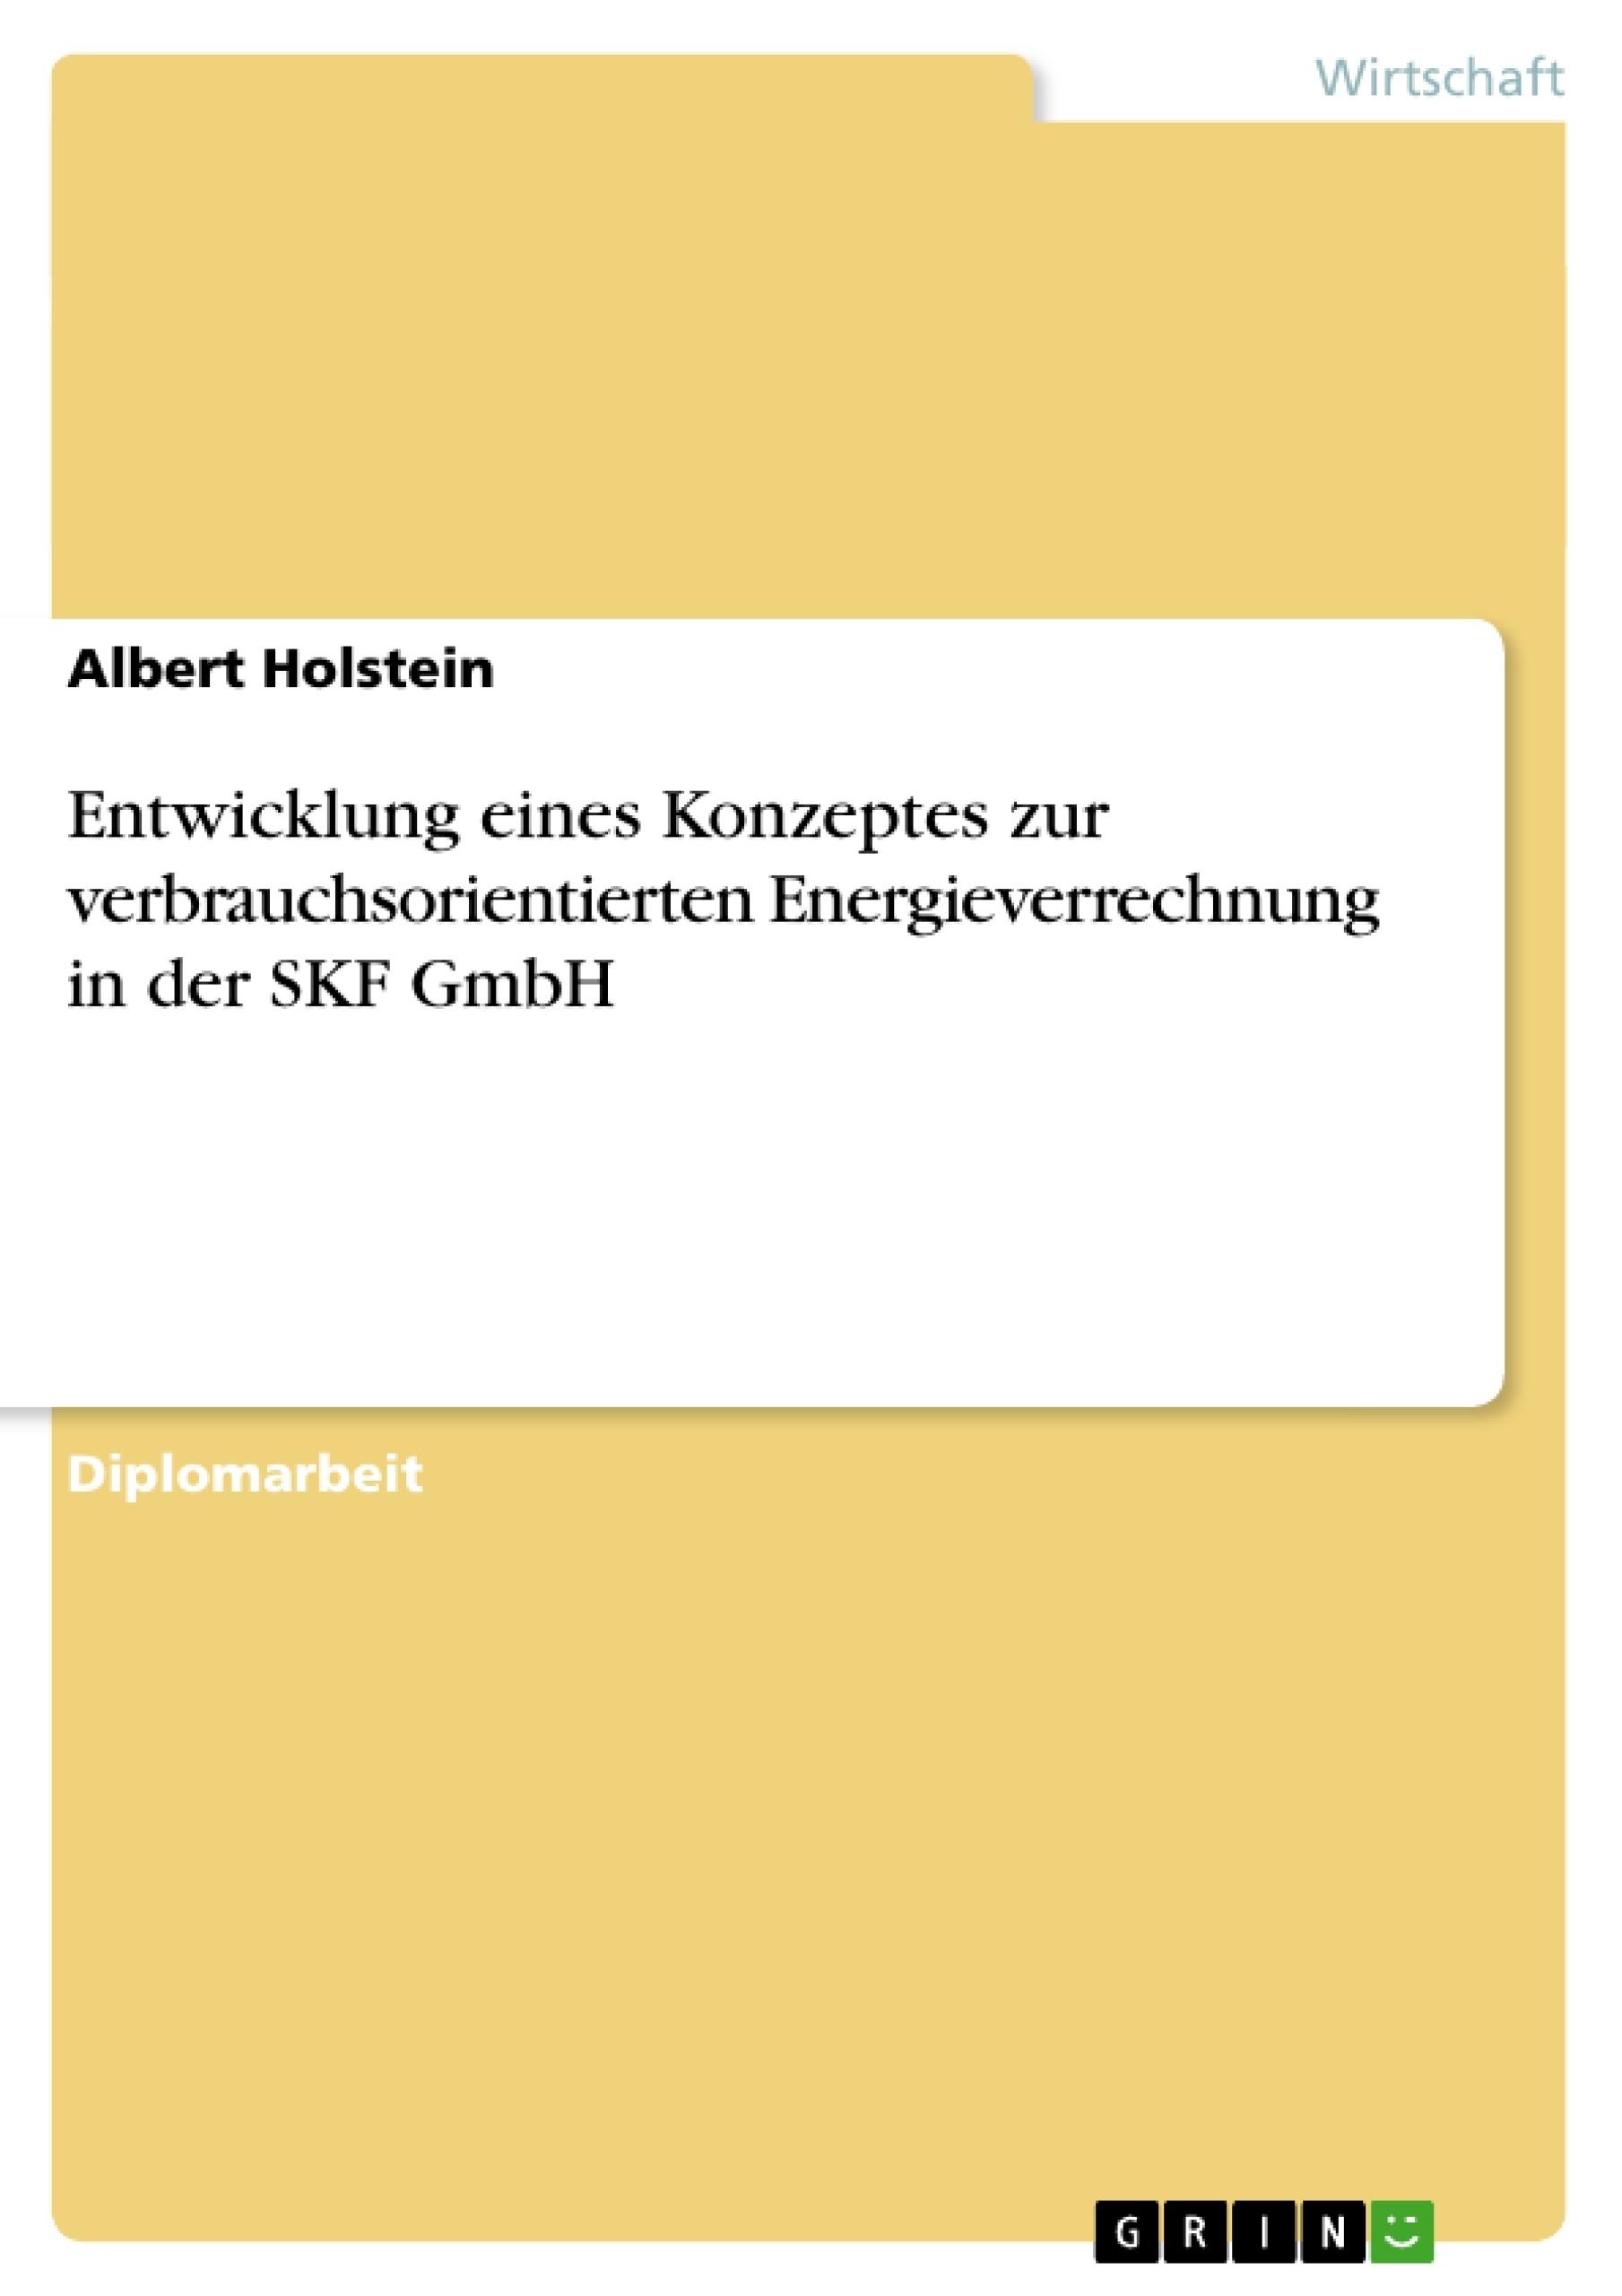 Titel: Entwicklung eines Konzeptes zur verbrauchsorientierten Energieverrechnung in der SKF GmbH